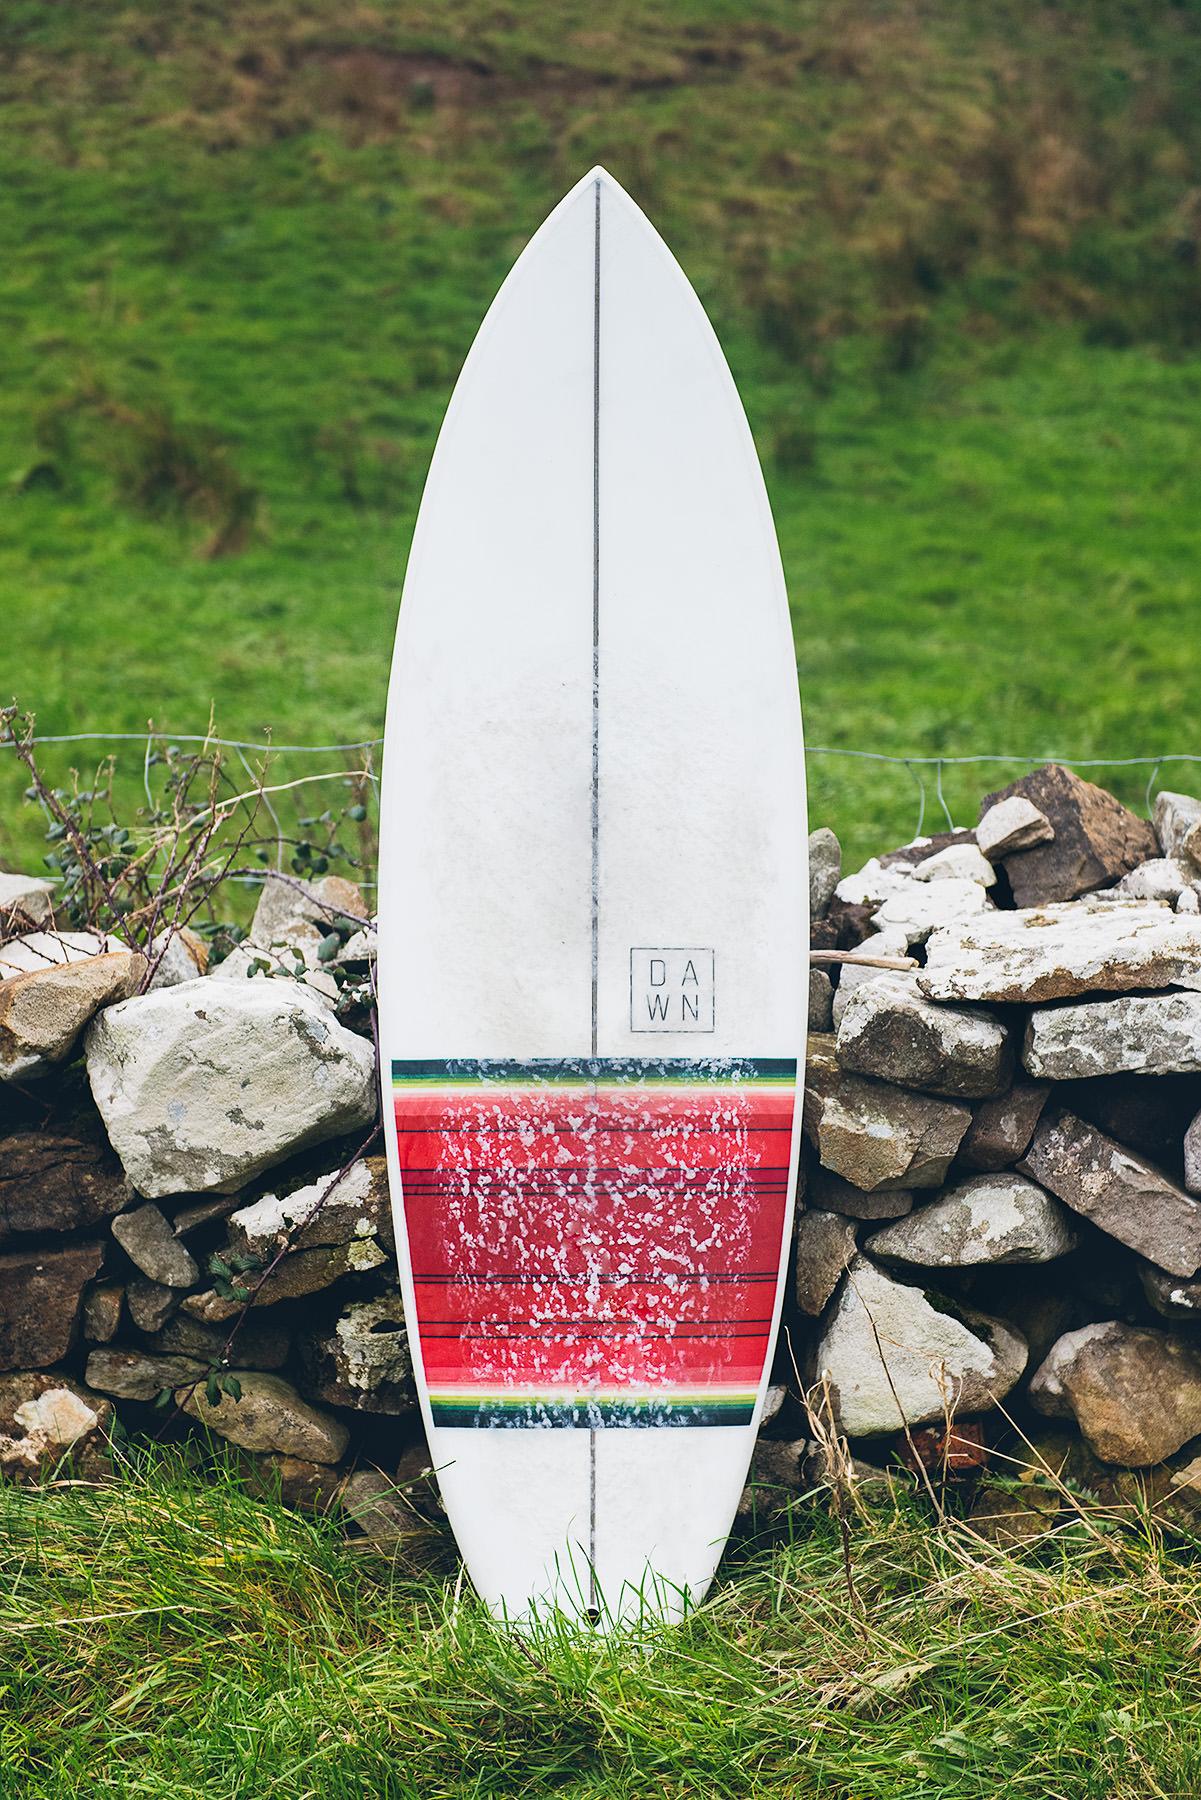 winter-surfing-ireland-sport-adventure-04.jpg